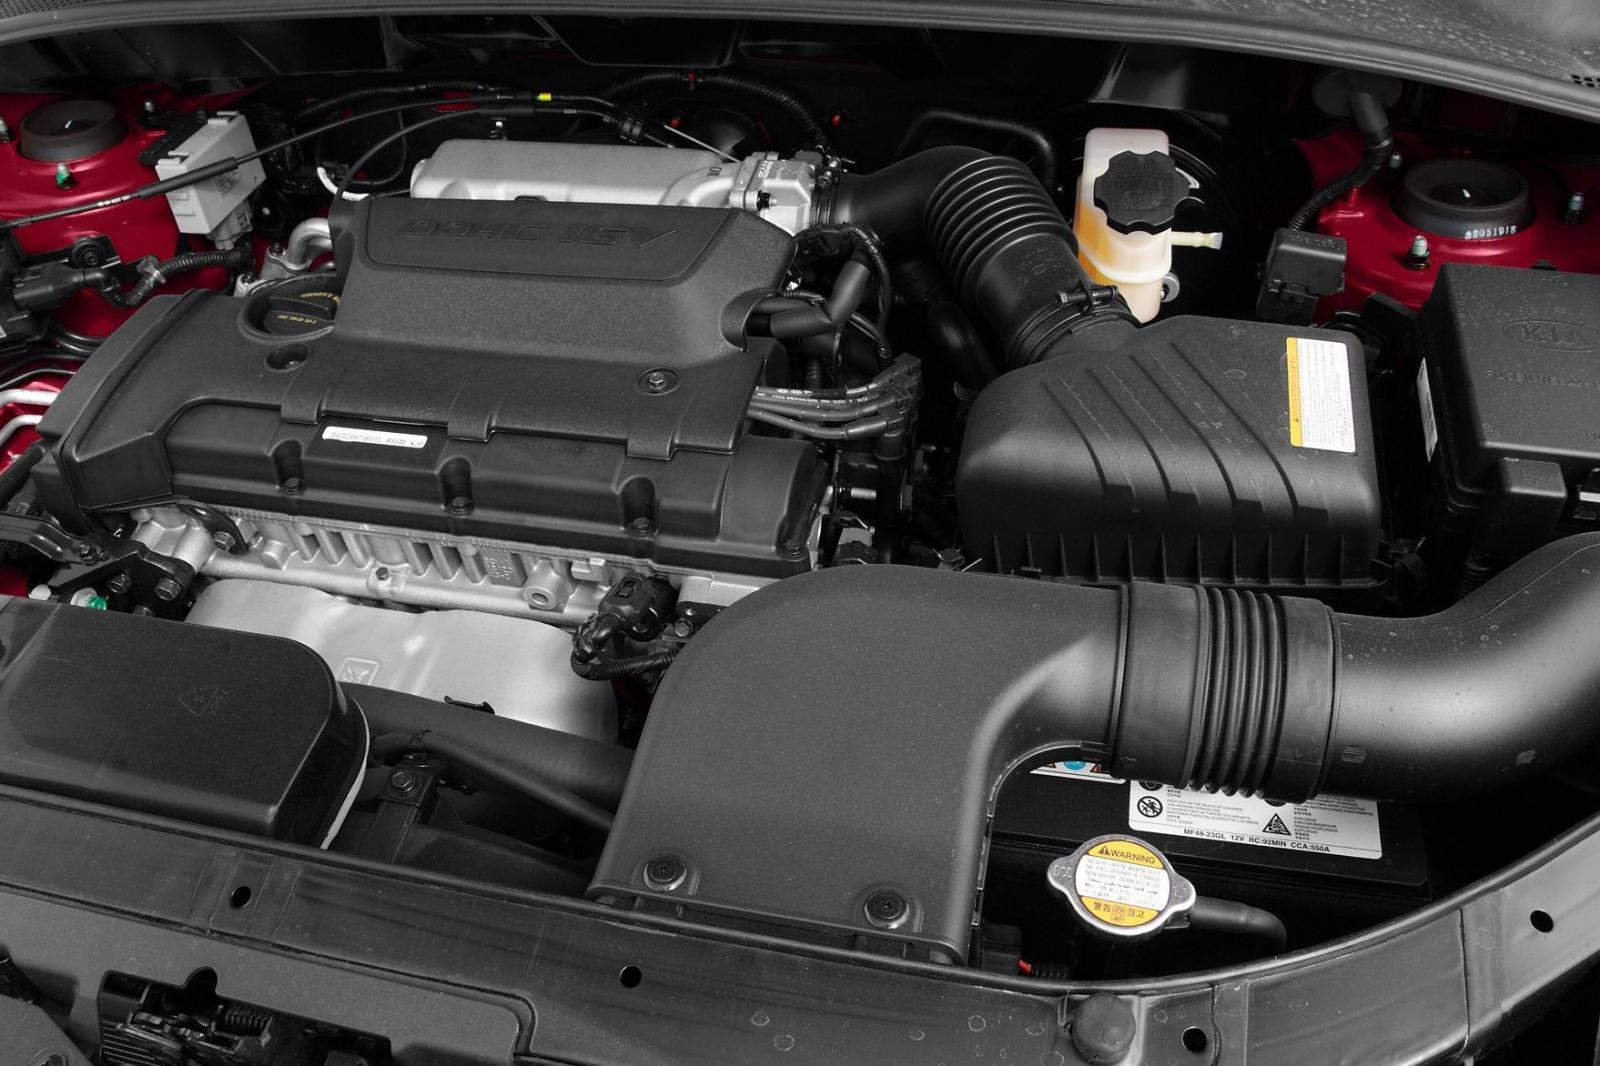 Kia Sorento 2018 Engine